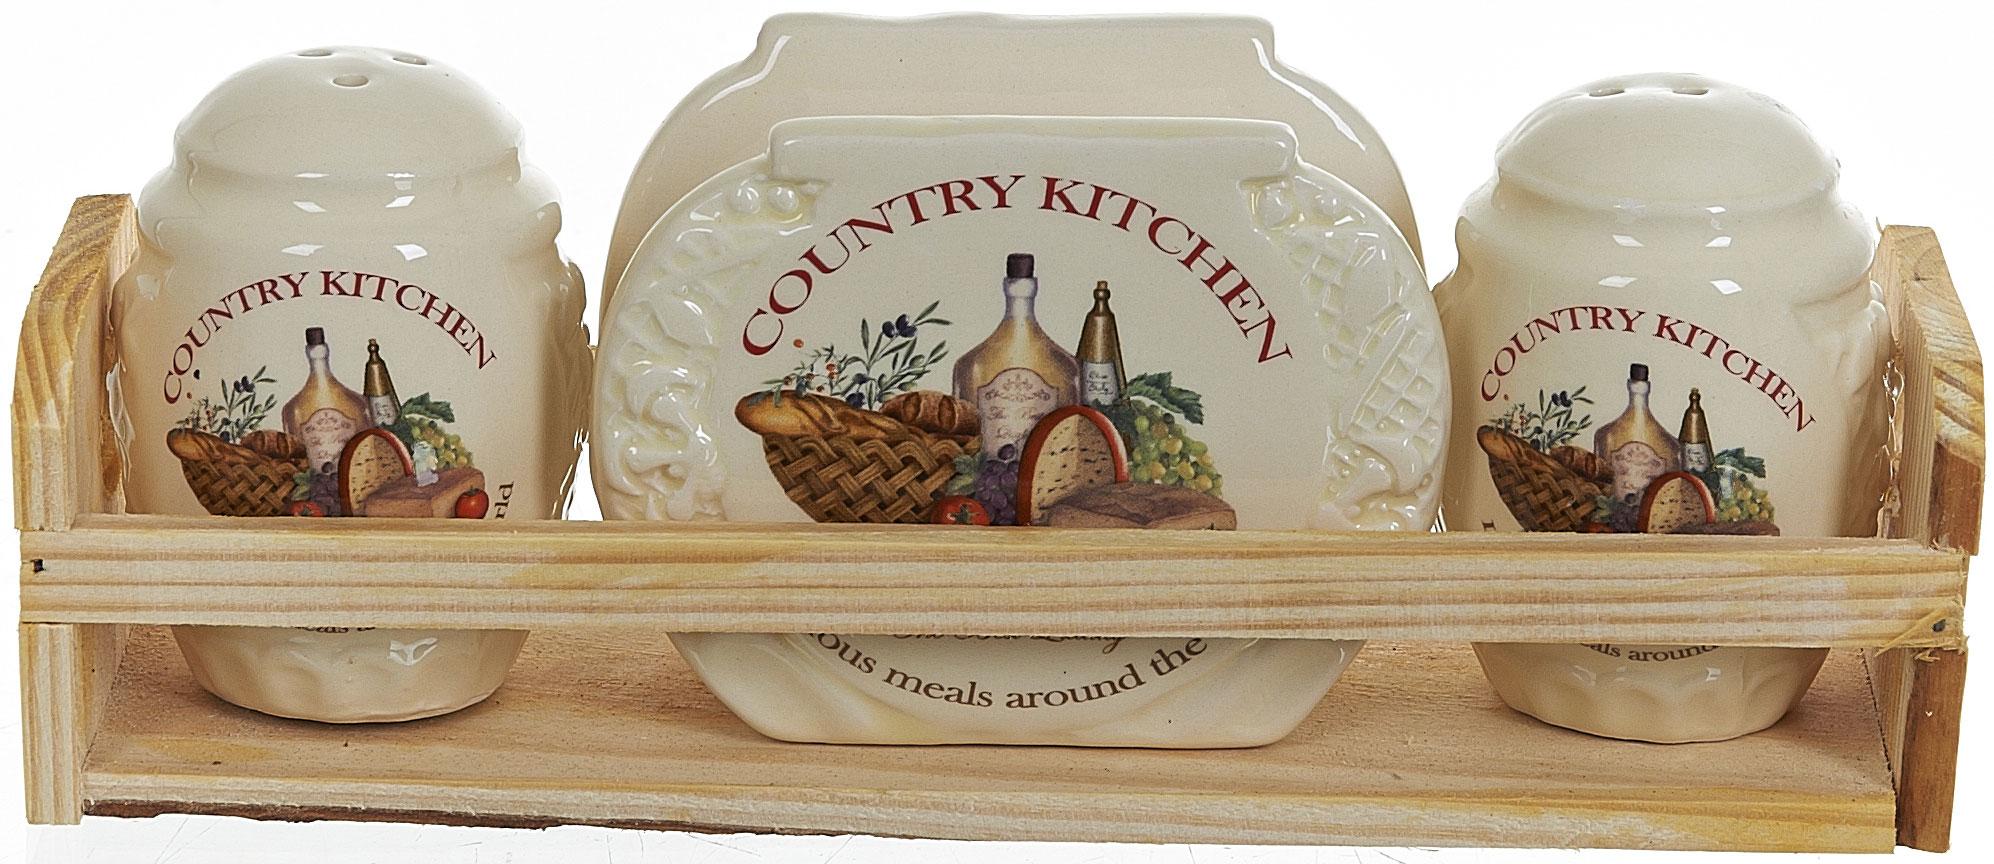 """Набор для специй и салфетница """"Country Kitchen"""" выполнены из высококачественной керамики, на деревянной подставке. Благодаря своим компактным размерам набор не займет много места на вашей кухне. Солонка, перечница и салфетница декорированы оригинальным рисунком.  Набор """"Country Kitchen"""" станет отличным подарком каждой хозяйке."""